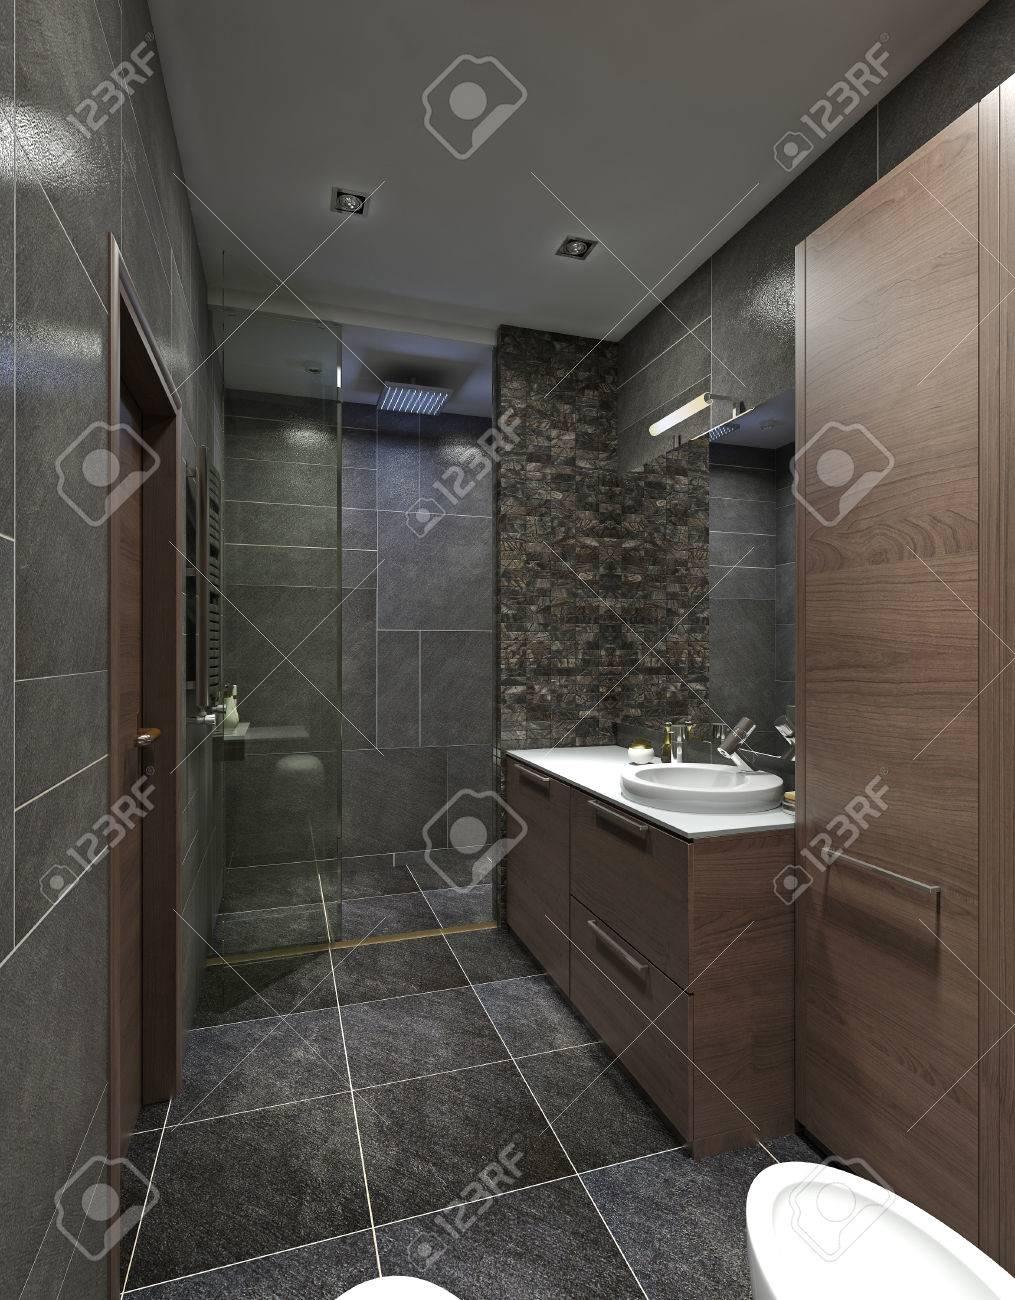 Design Badezimmer Im Modernen Stil. Mit Dusche Und Badewanne Weiß. Die  Schwarz,